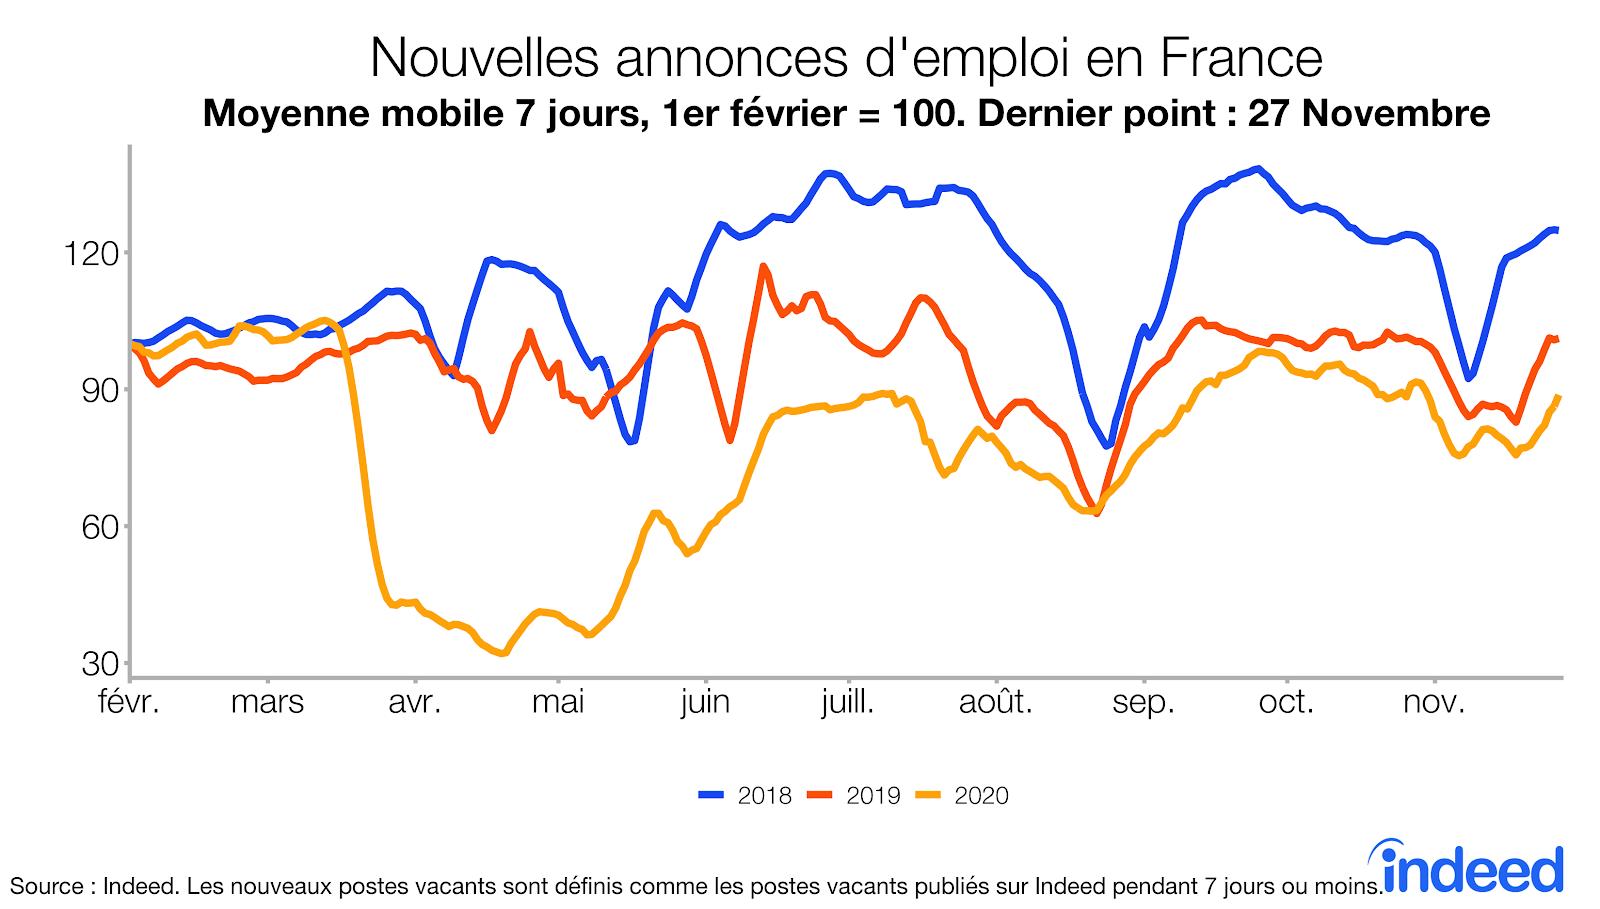 Nouvelles annoces d'emploi en France